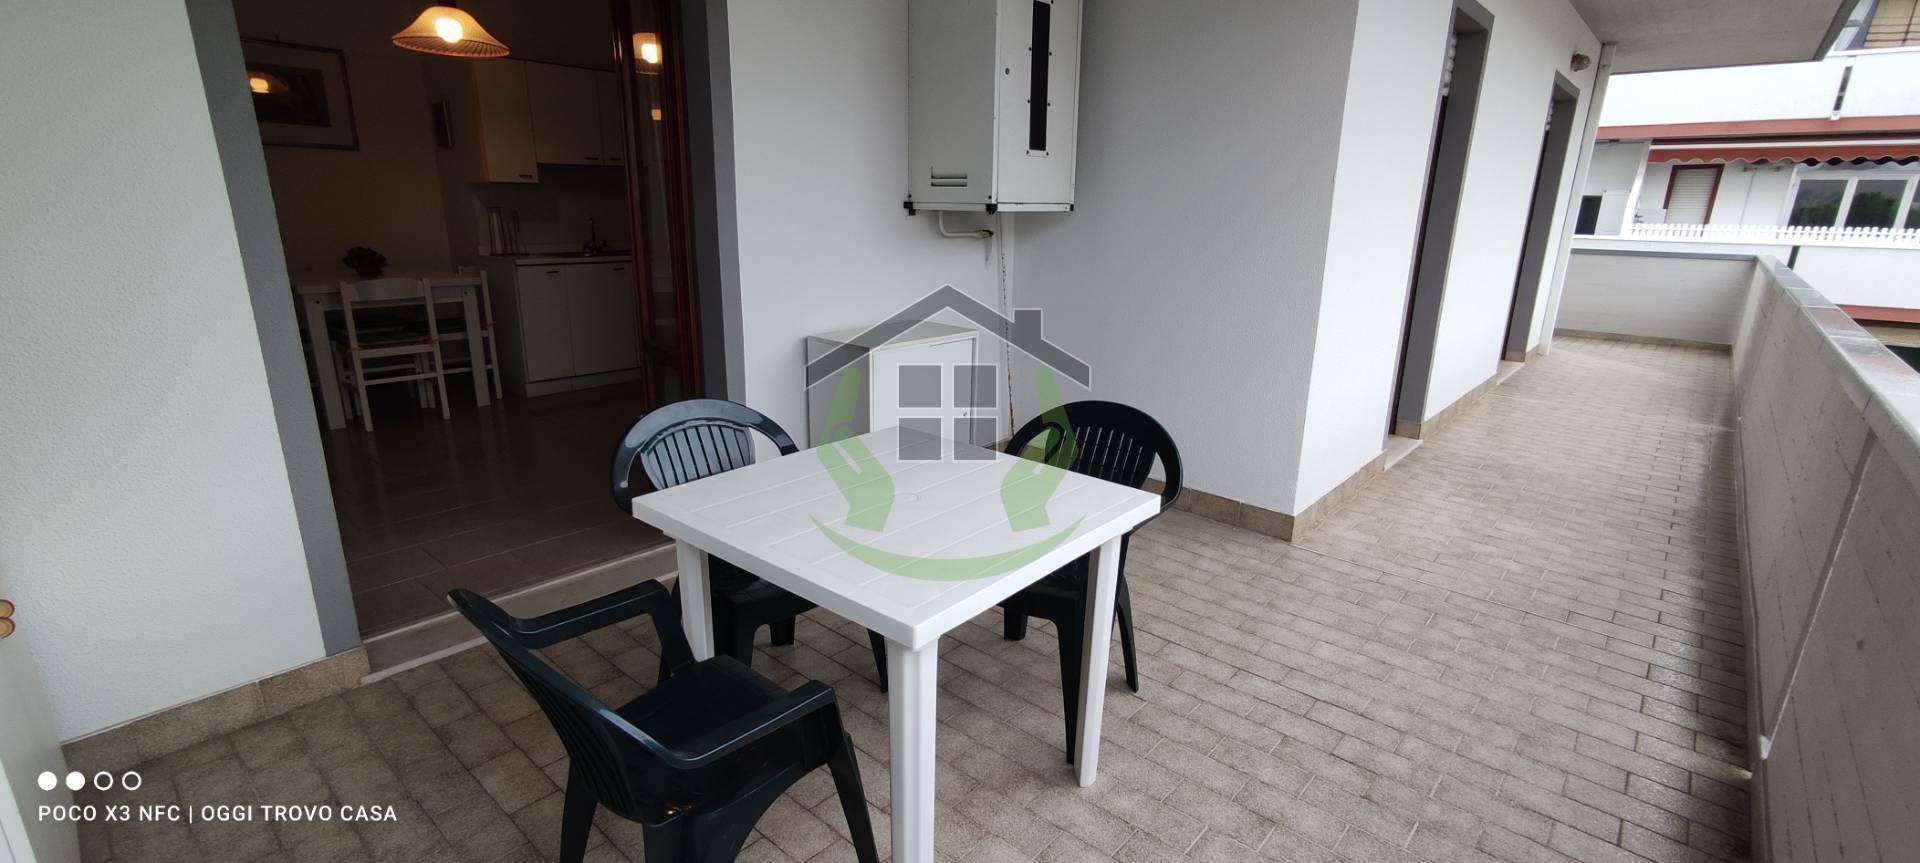 Appartamento in vendita a Martinsicuro, 3 locali, zona Località: VillaRosa, prezzo € 100.000 | PortaleAgenzieImmobiliari.it